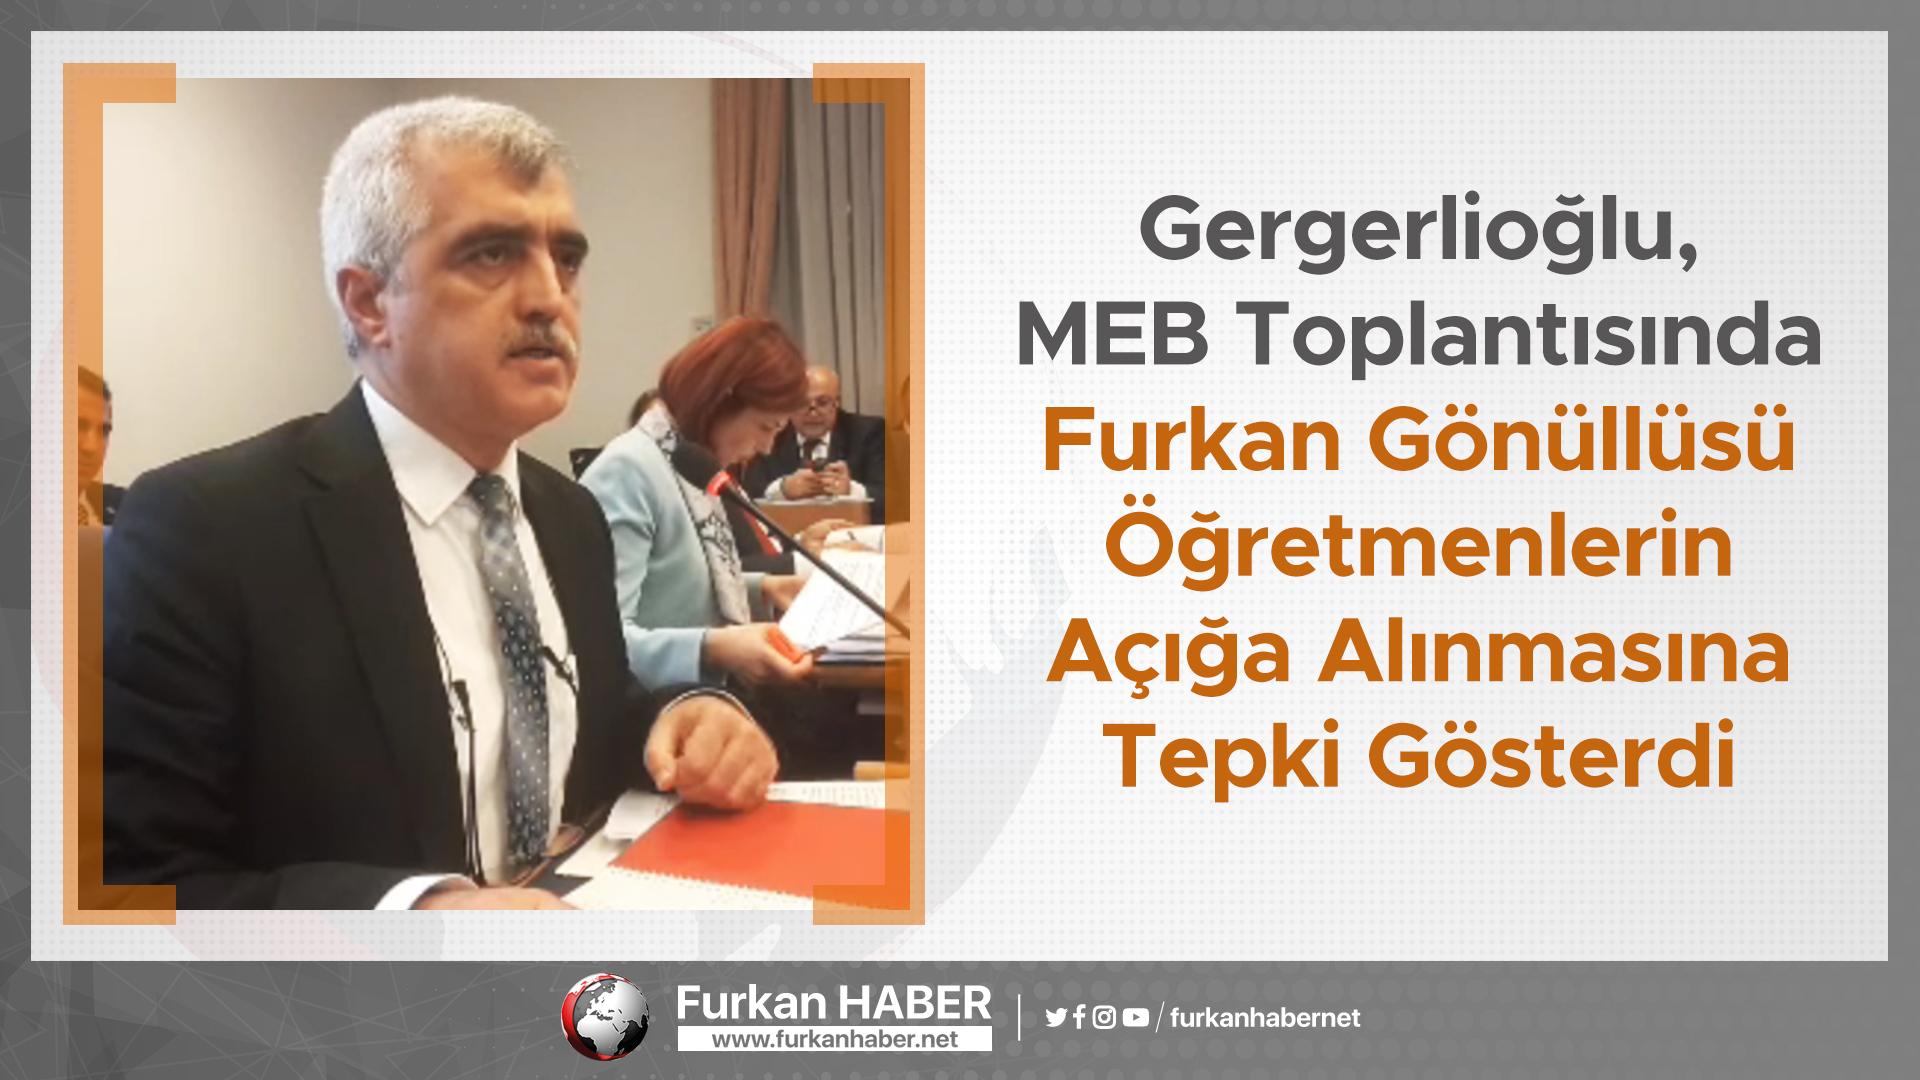 Gergerlioğlu, MEB Toplantısında Furkan Gönüllüsü Öğretmenlerin Açığa Alınmasına Tepki Gösterdi